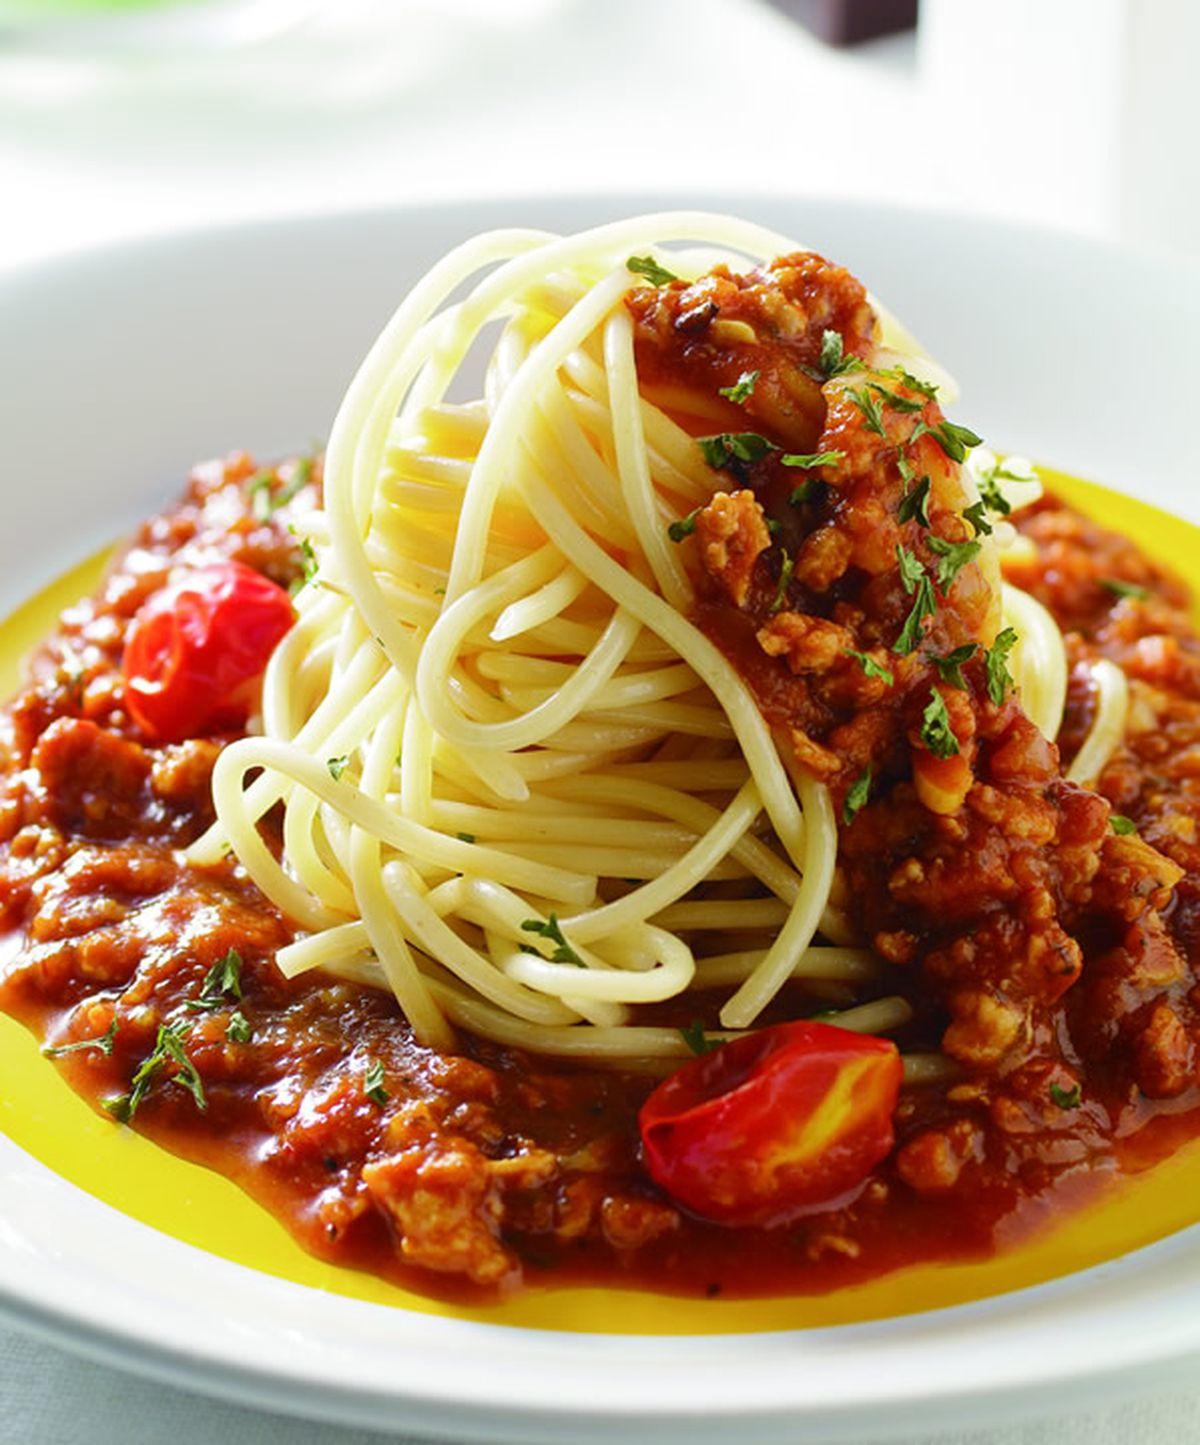 食譜:蕃茄肉醬義大利麵(1)